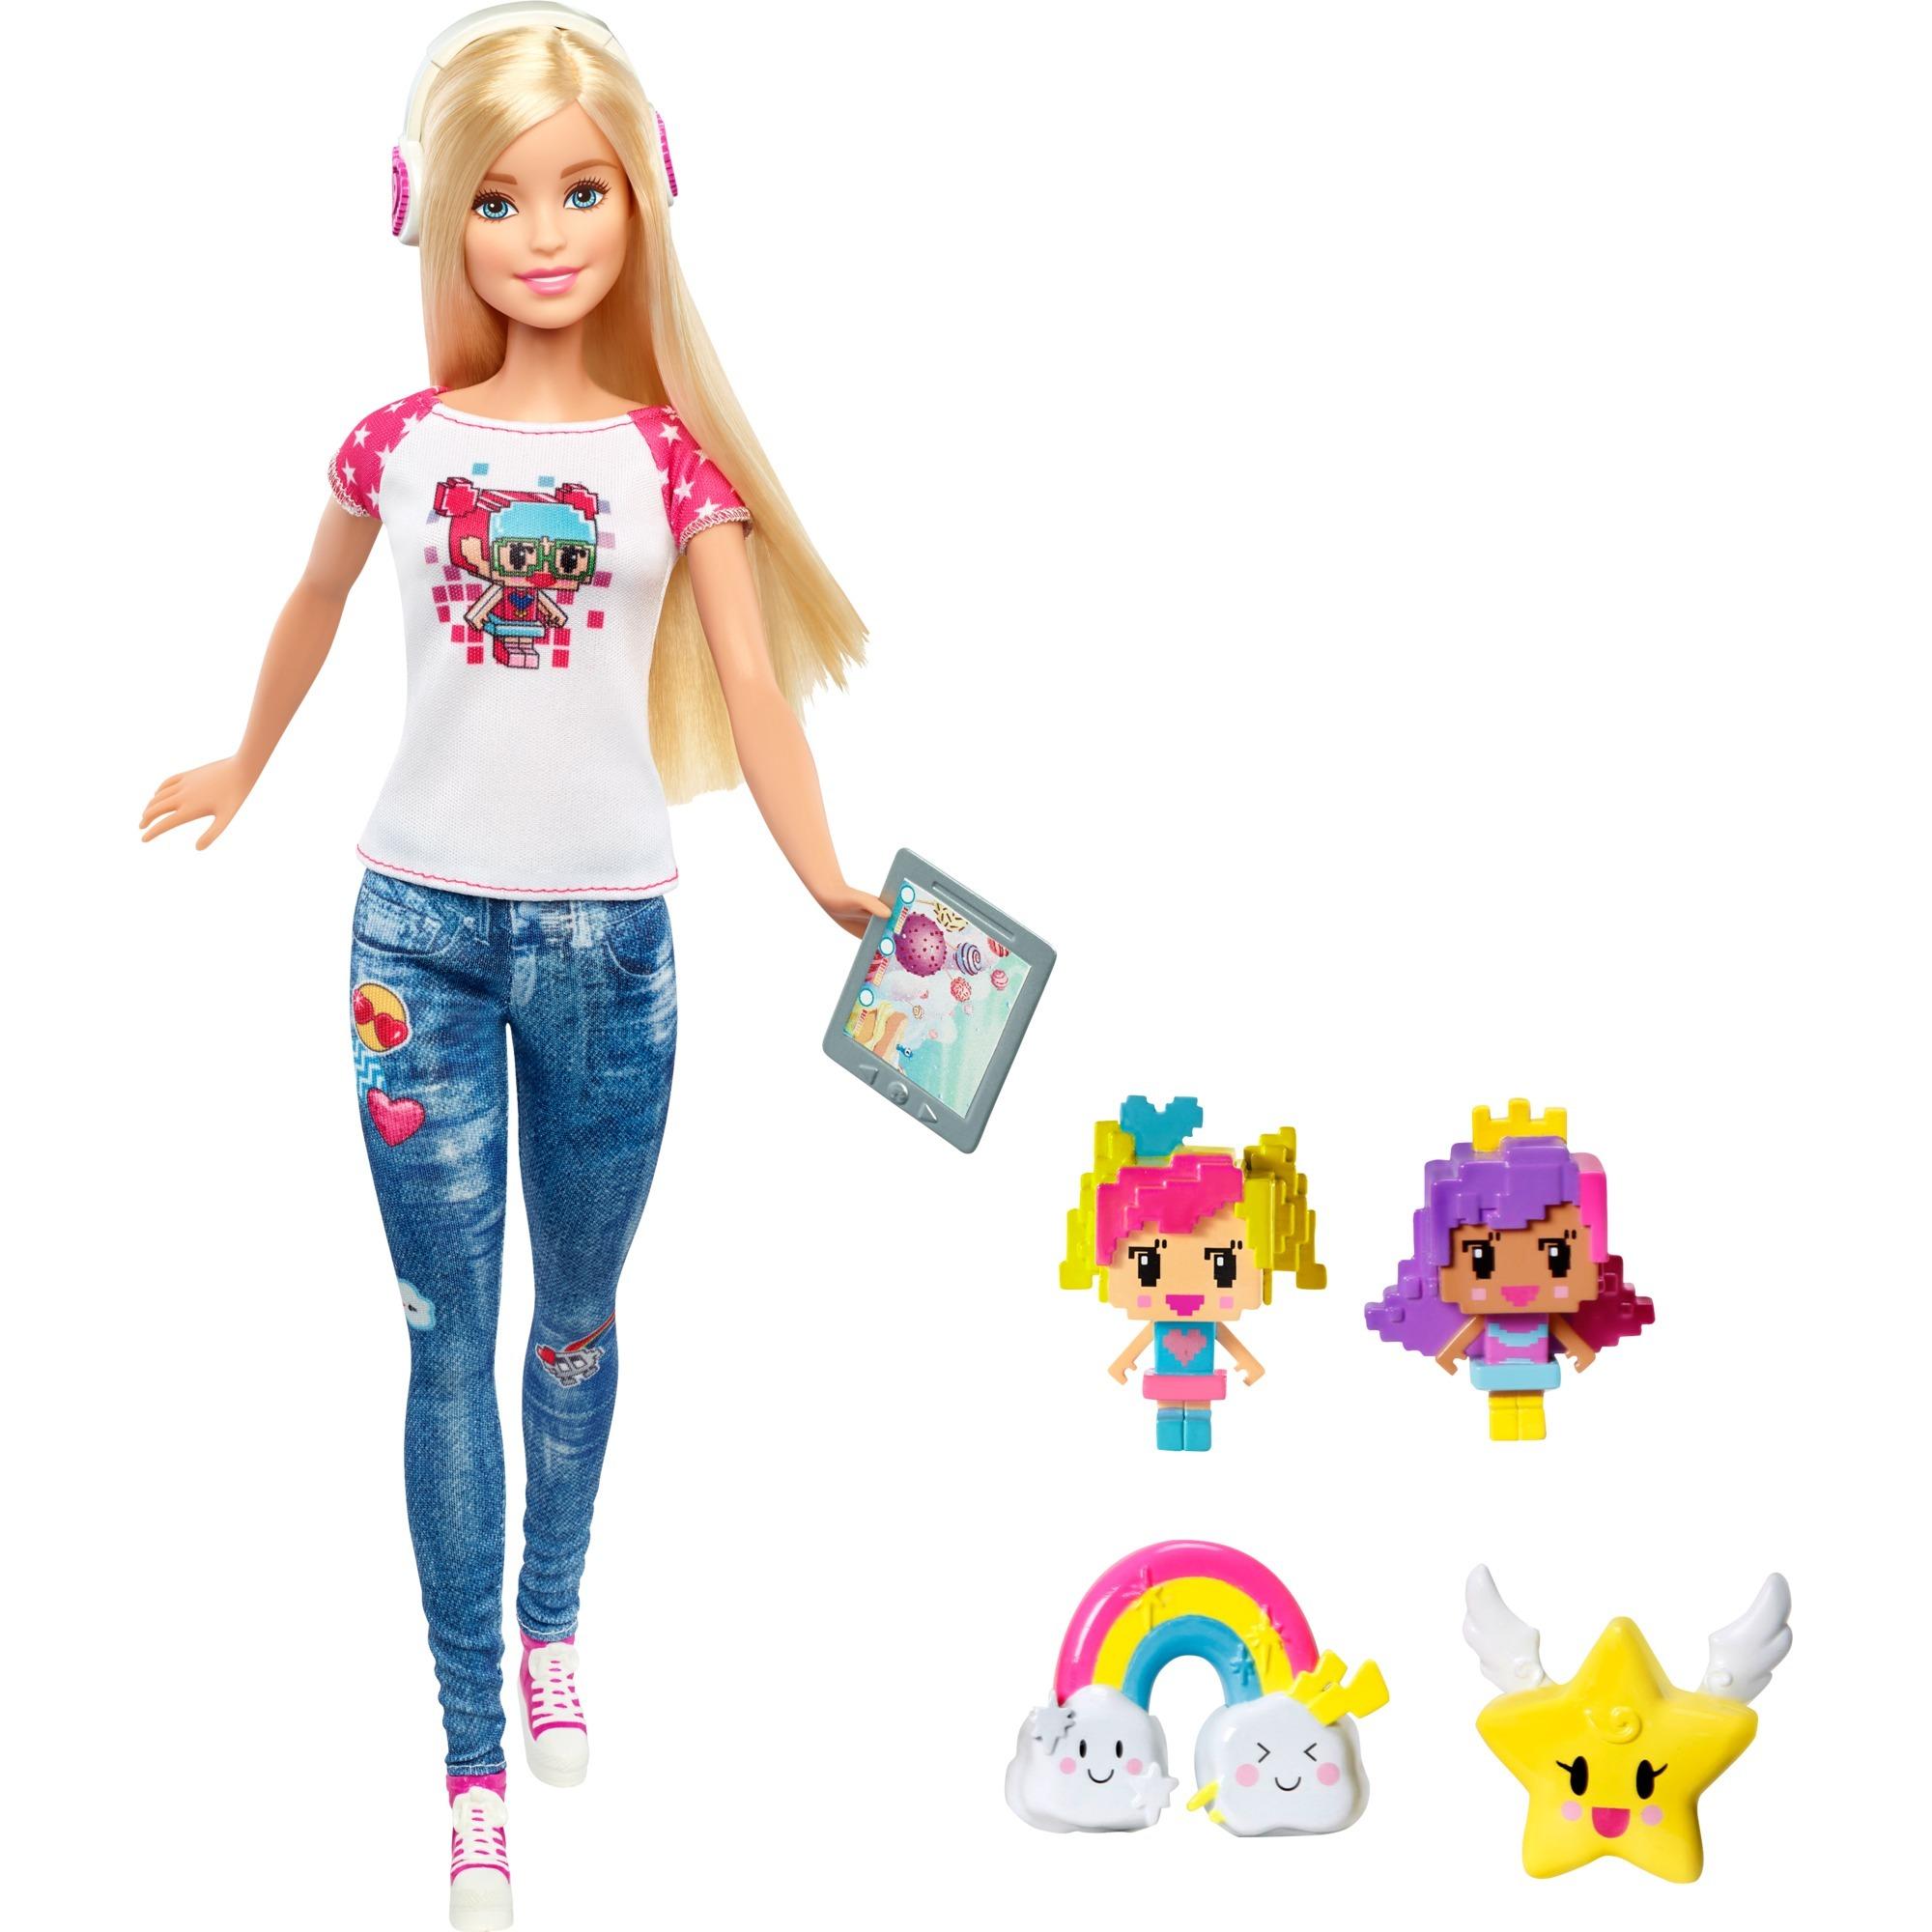 barbie-videospil-heltinde-dukke